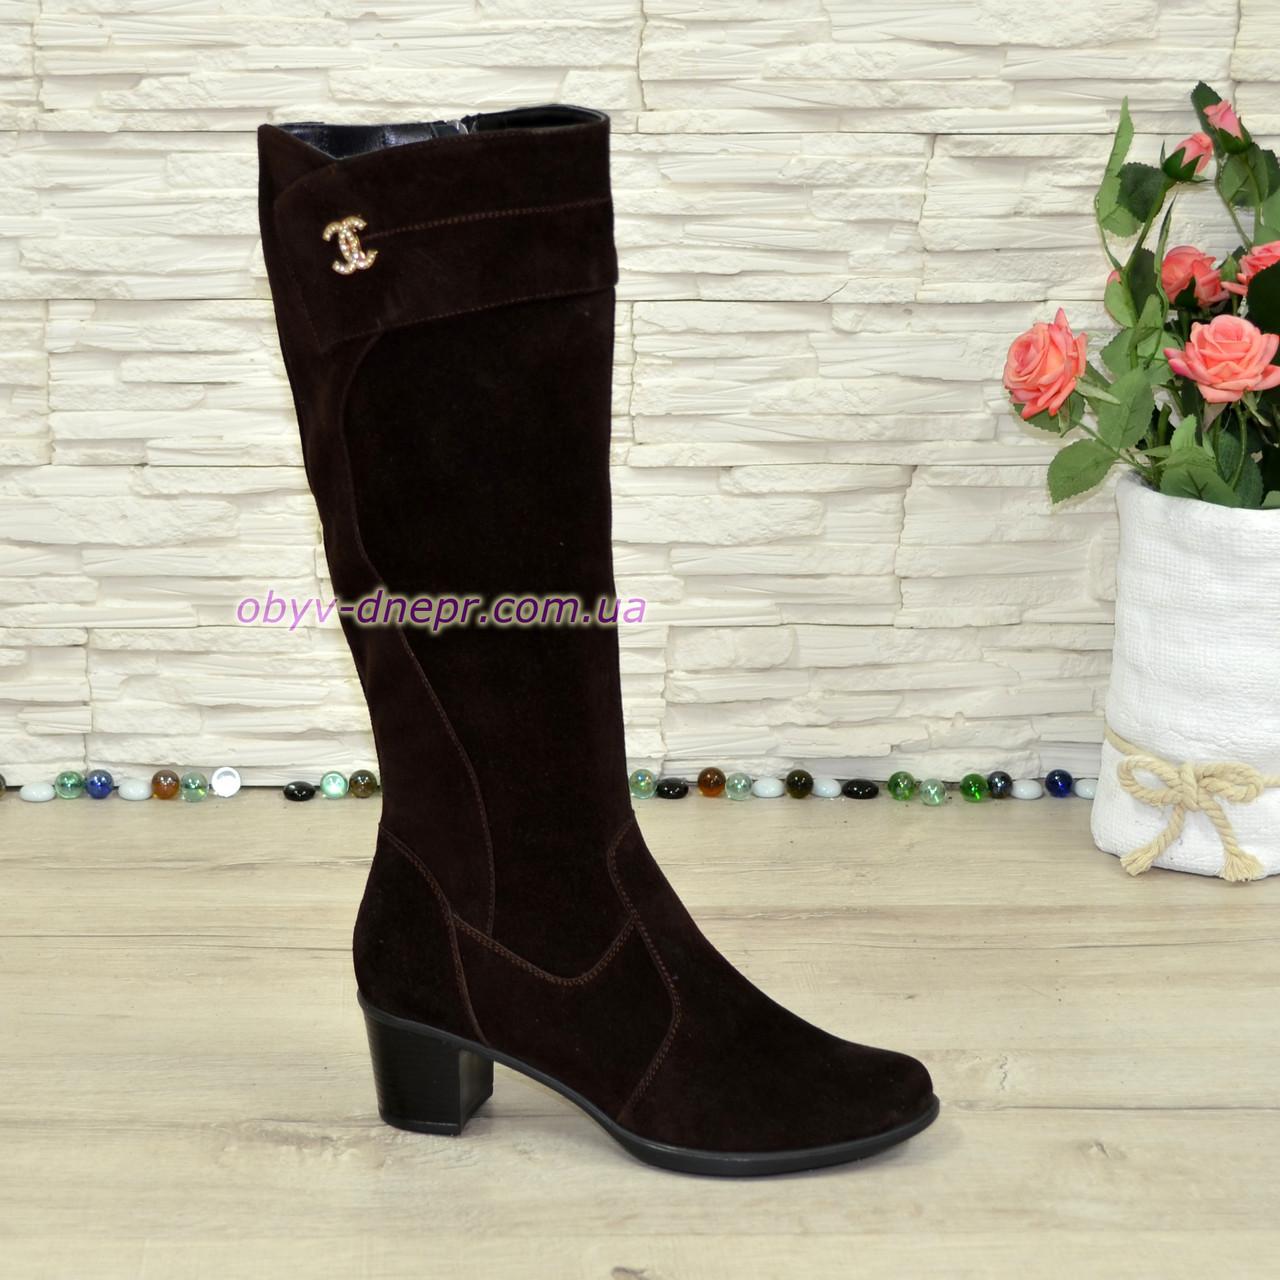 830be714 Женские зимние замшевые сапоги на невысоком каблуке, цвет коричневый ...